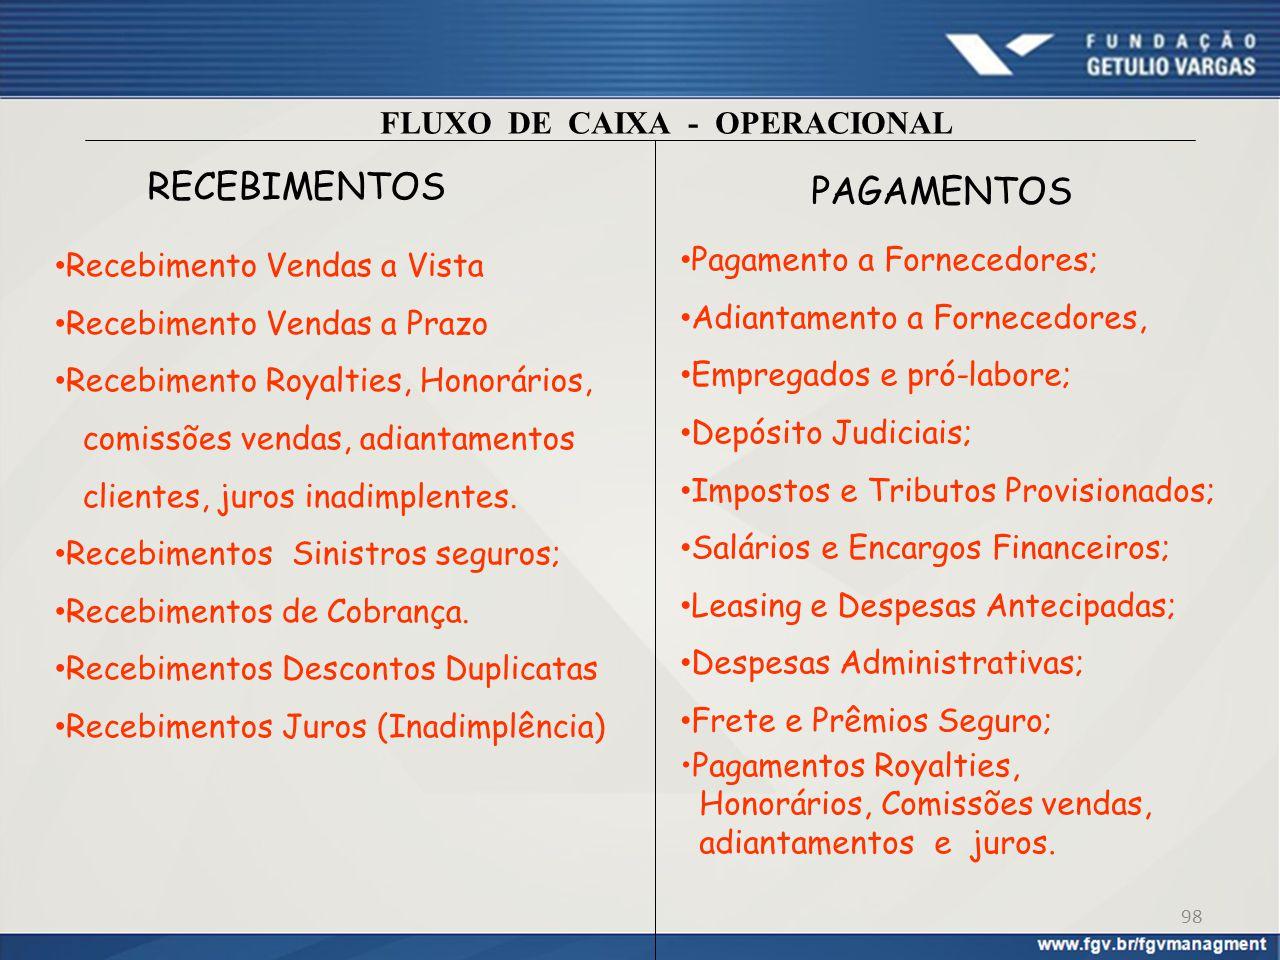 98 FLUXO DE CAIXA - OPERACIONAL Recebimento Vendas a Vista Recebimento Vendas a Prazo Recebimento Royalties, Honorários, comissões vendas, adiantament